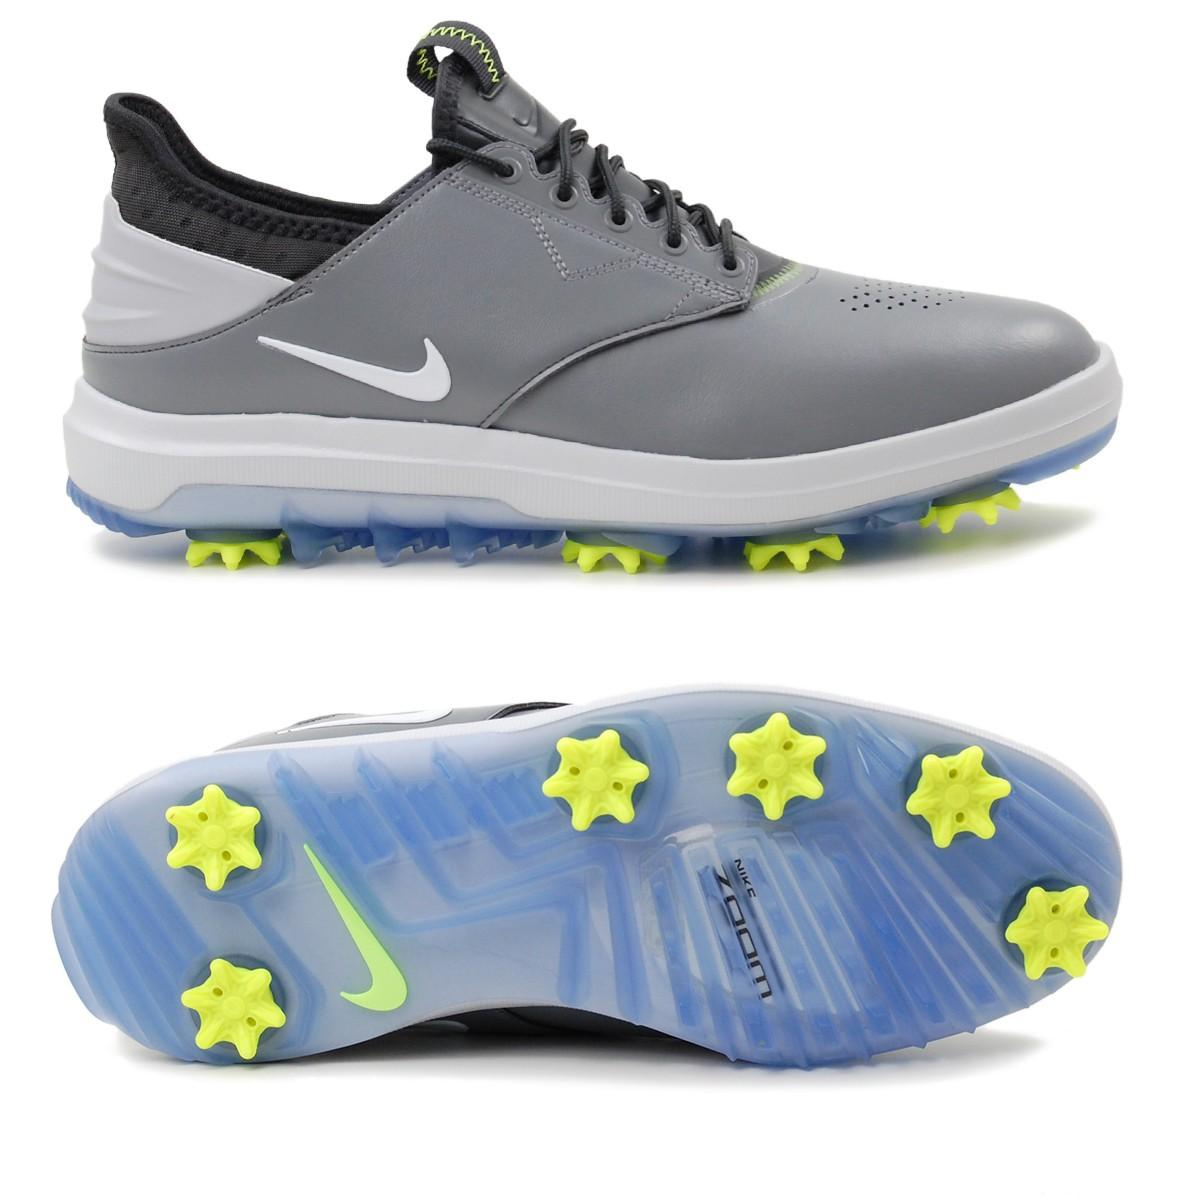 the latest 14df8 3ff6a Nike Air Zoom Direct Herren Golfschuhe, Silbergrau  Weiß günstig kaufen   Golflädchen